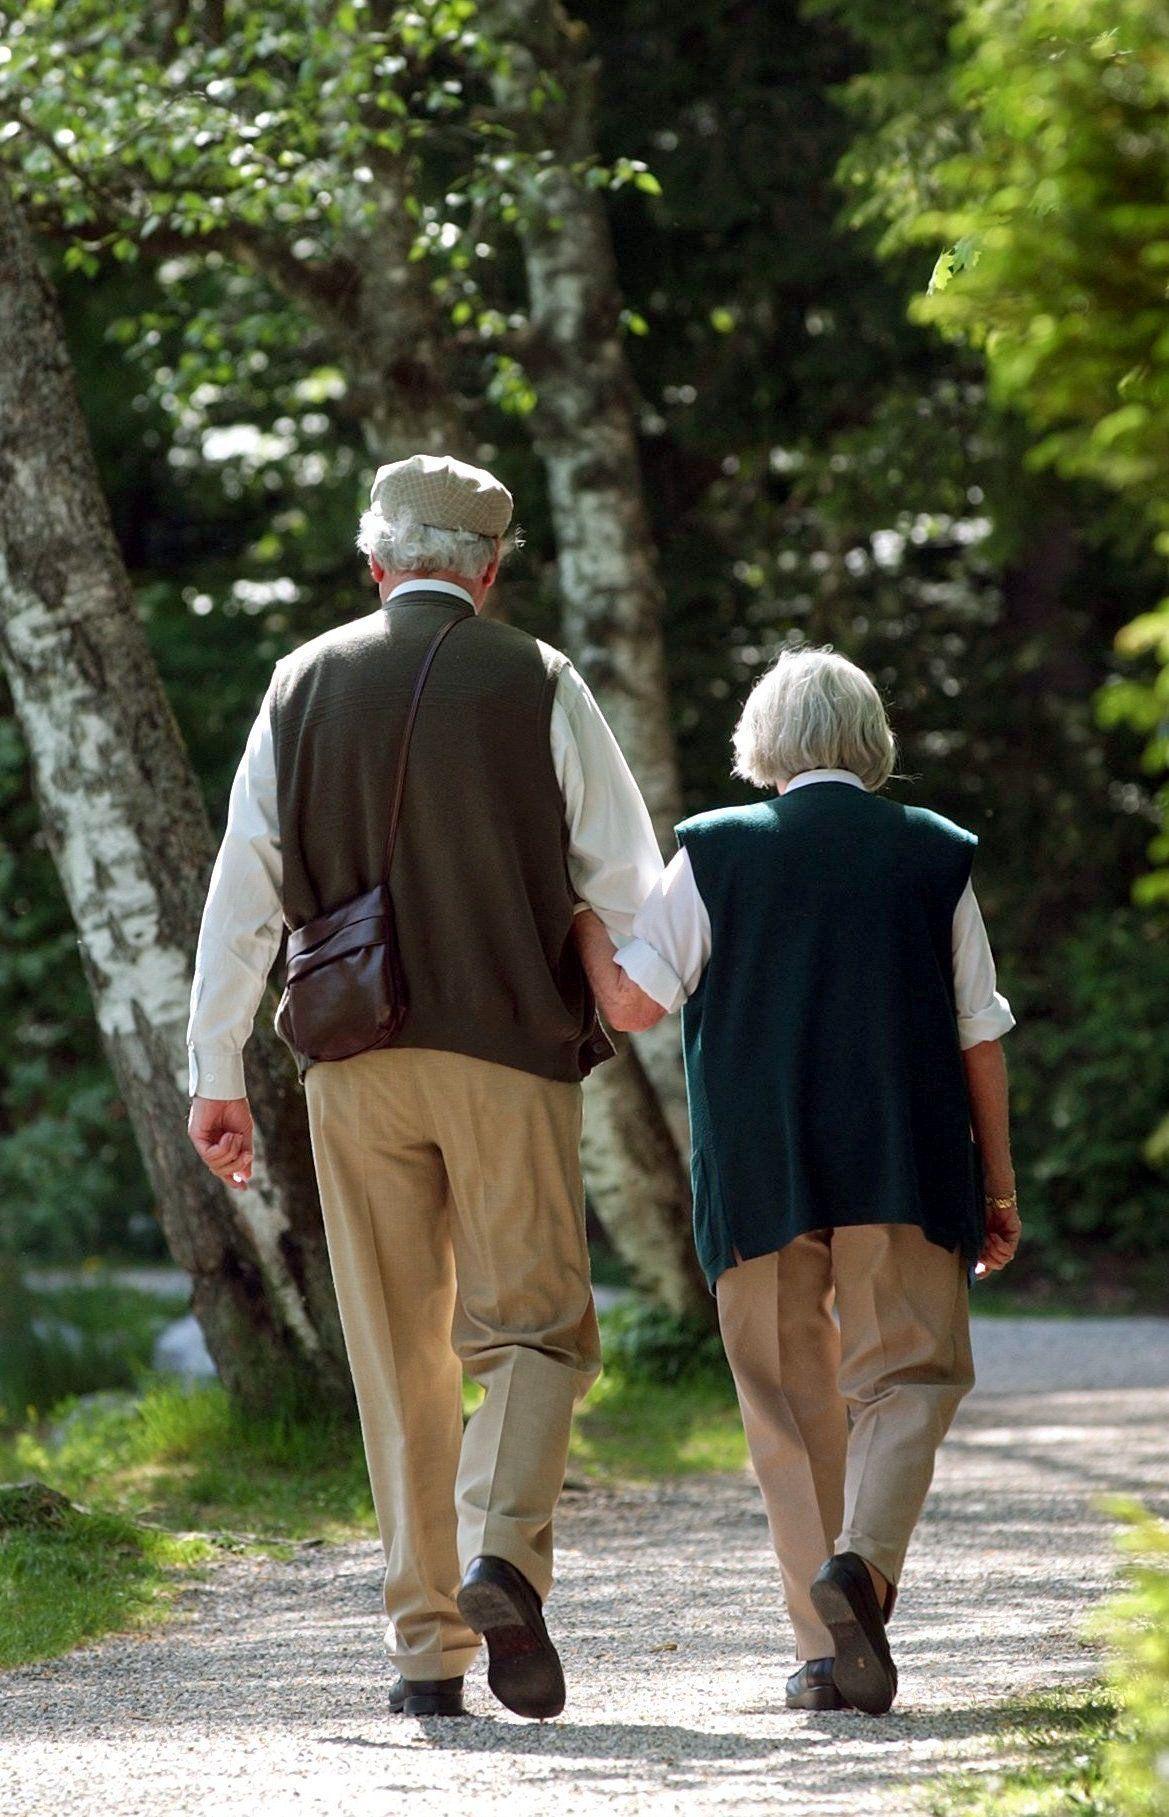 NUR FÜR SPAM Senioren beim Spaziergang